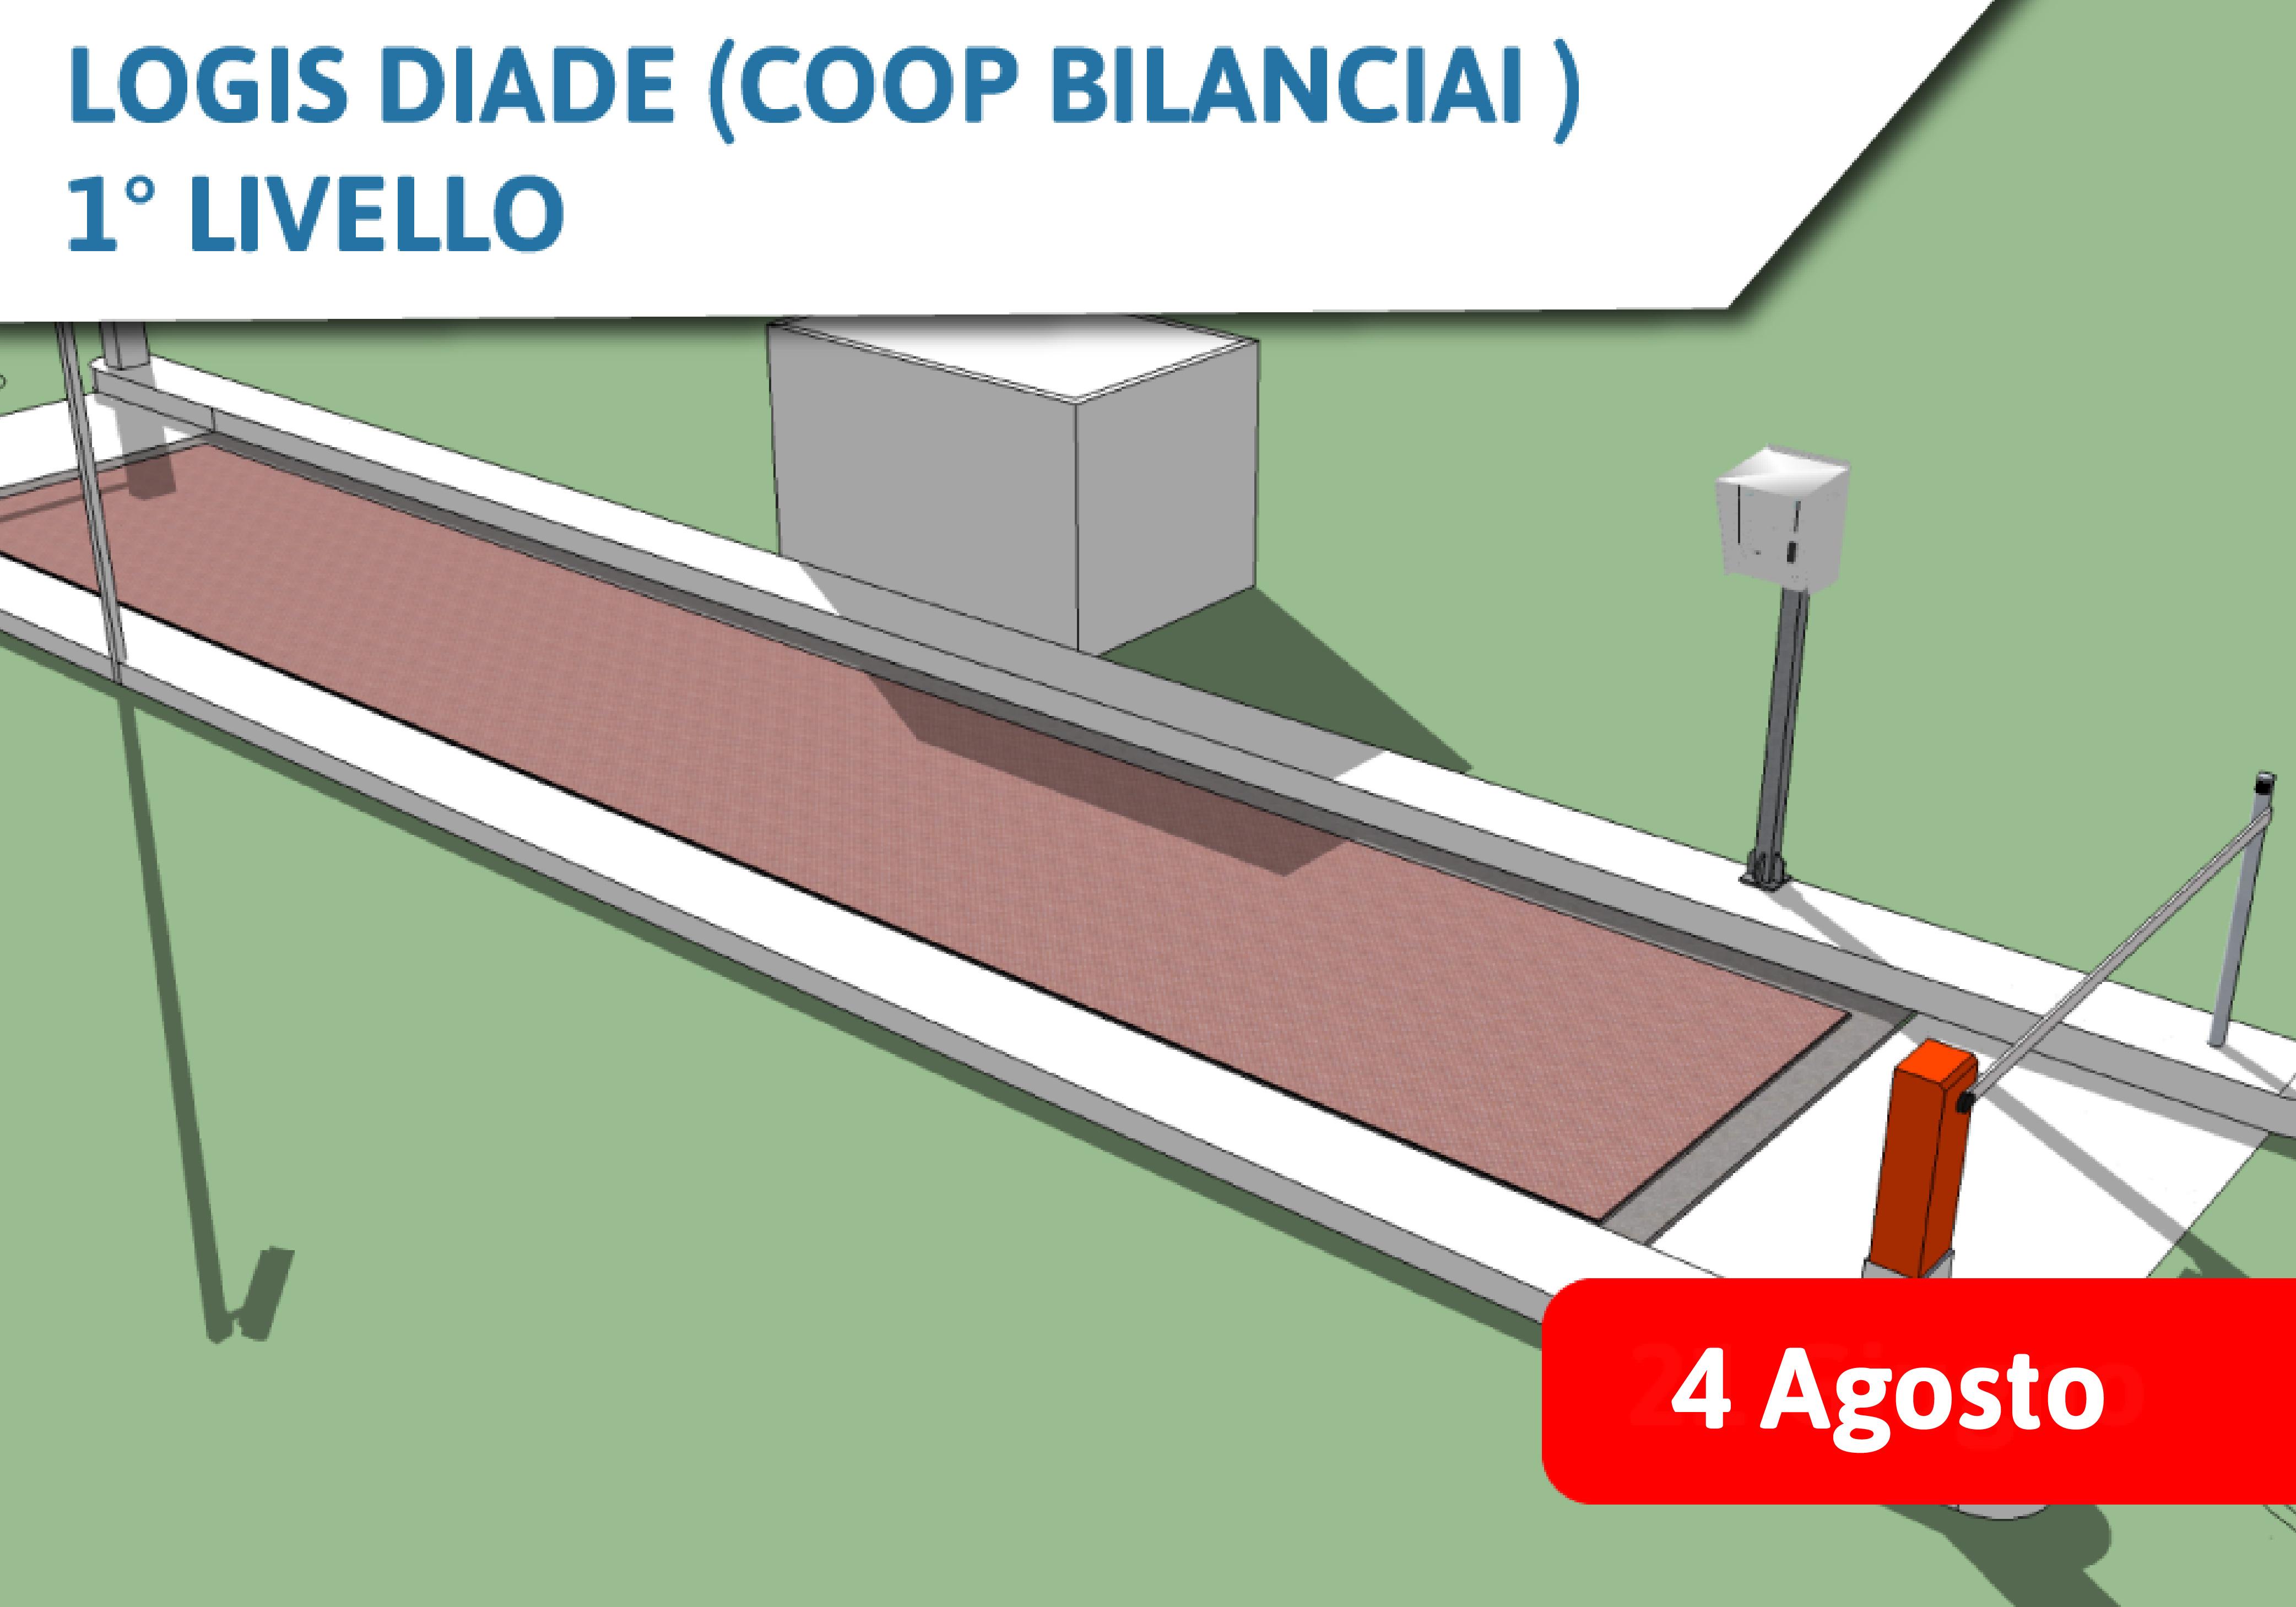 Corso Commerciale Logis Diade (Coop Bilanciai) 1° Livello - 4 Agosto 2021